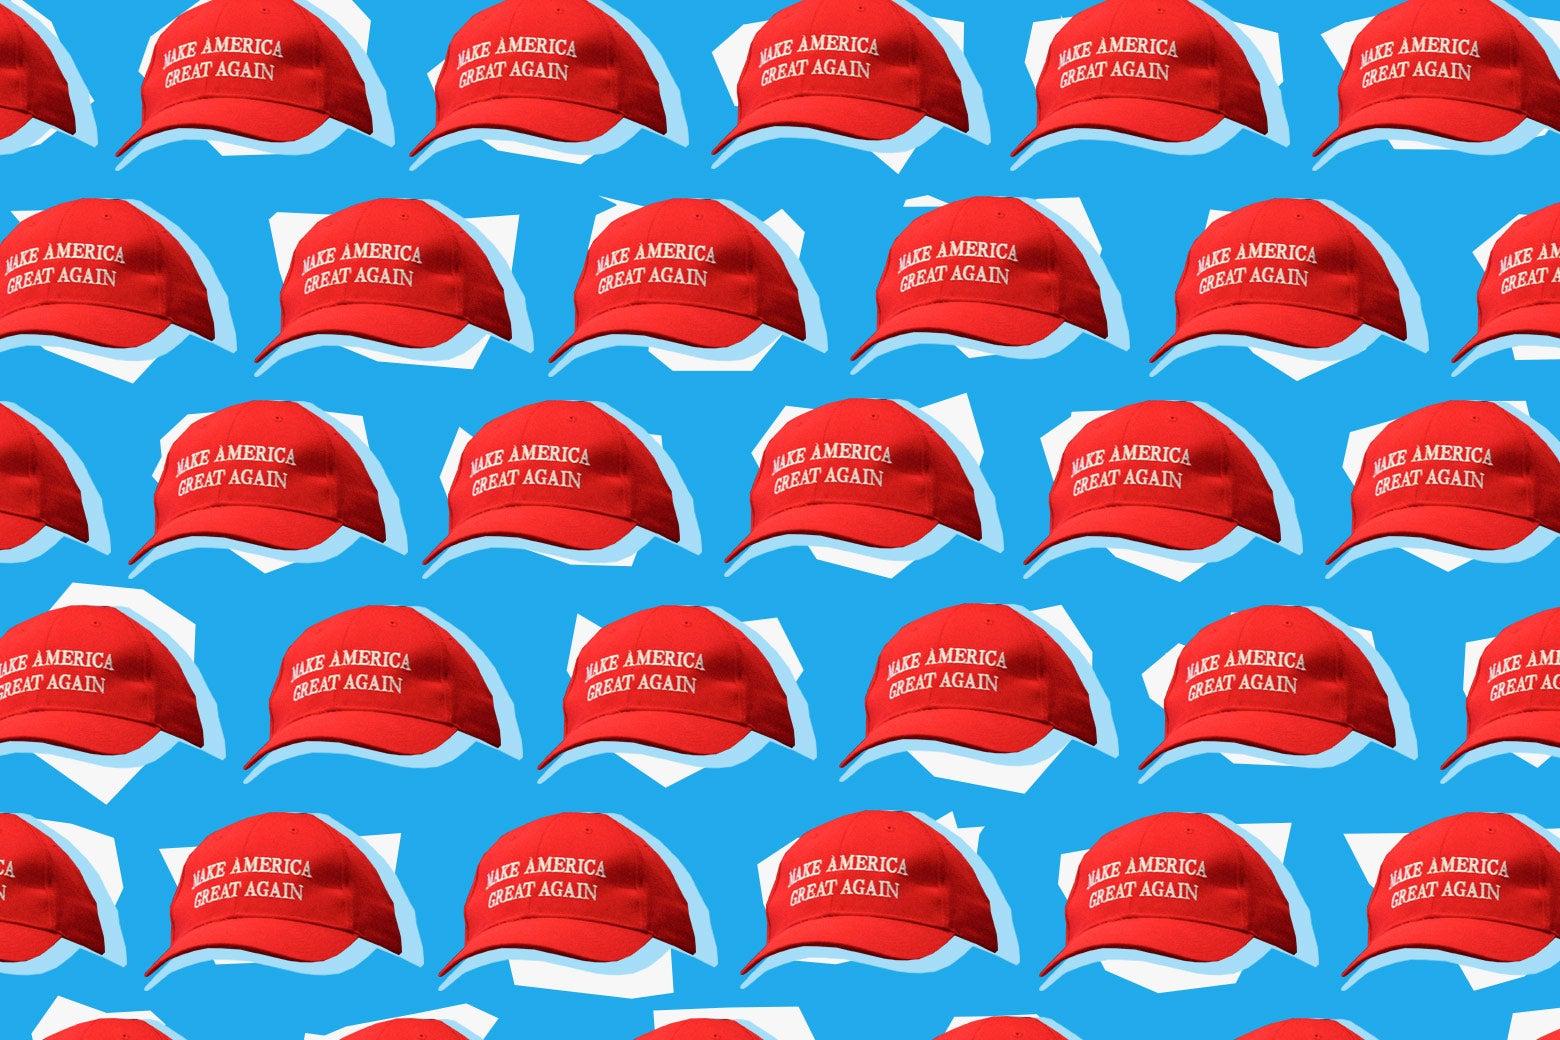 Red MAGA hats